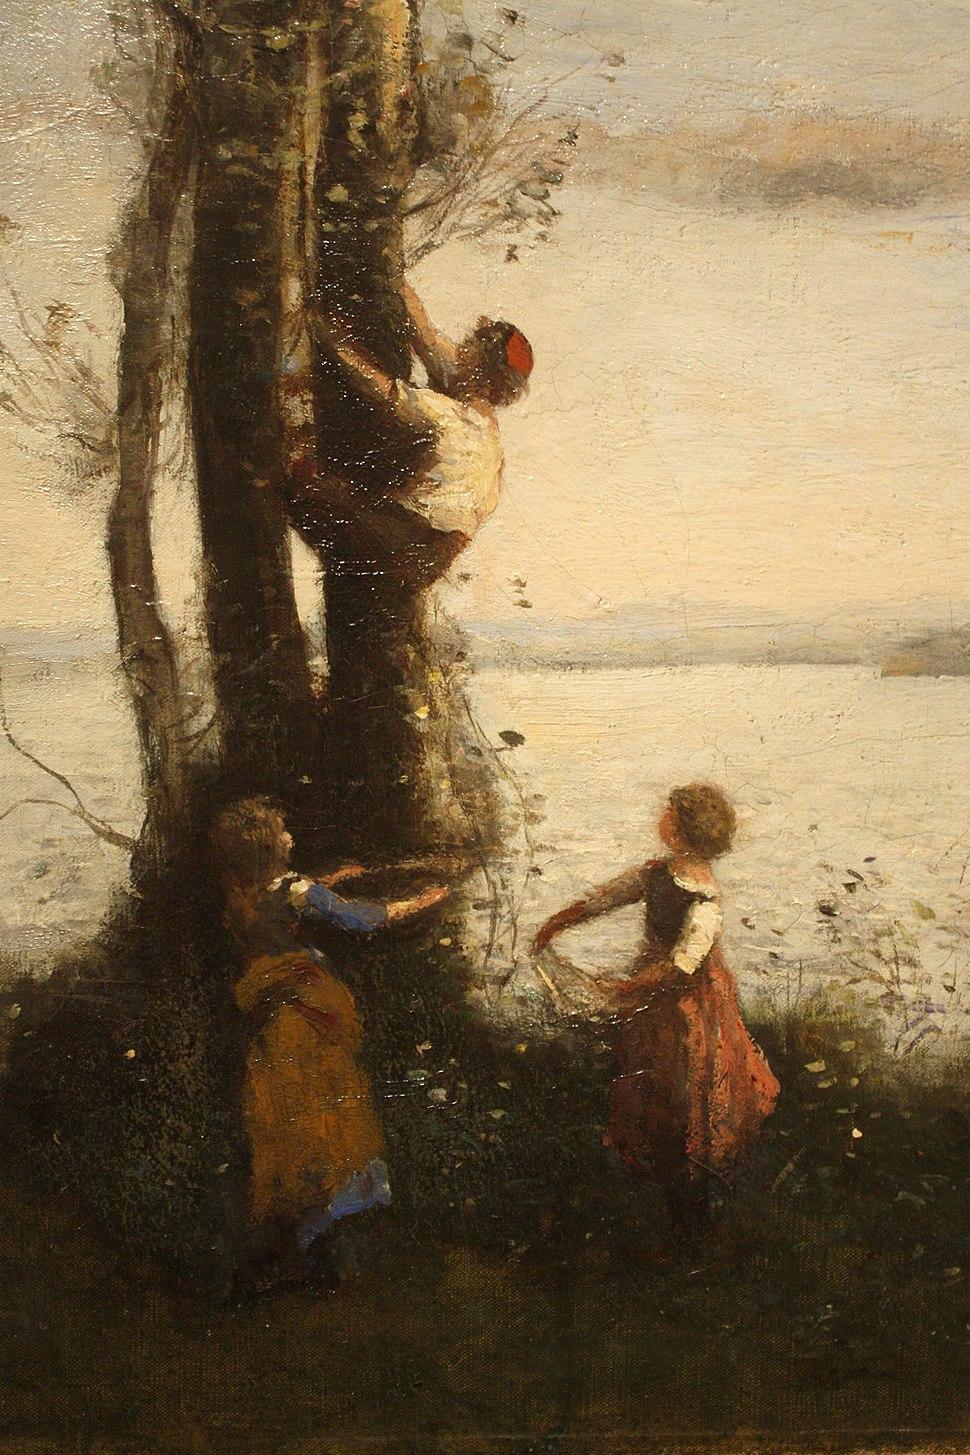 Jean-Baptiste-Camille Corot - The Little Bird Nesters (1873-1874) detail 01